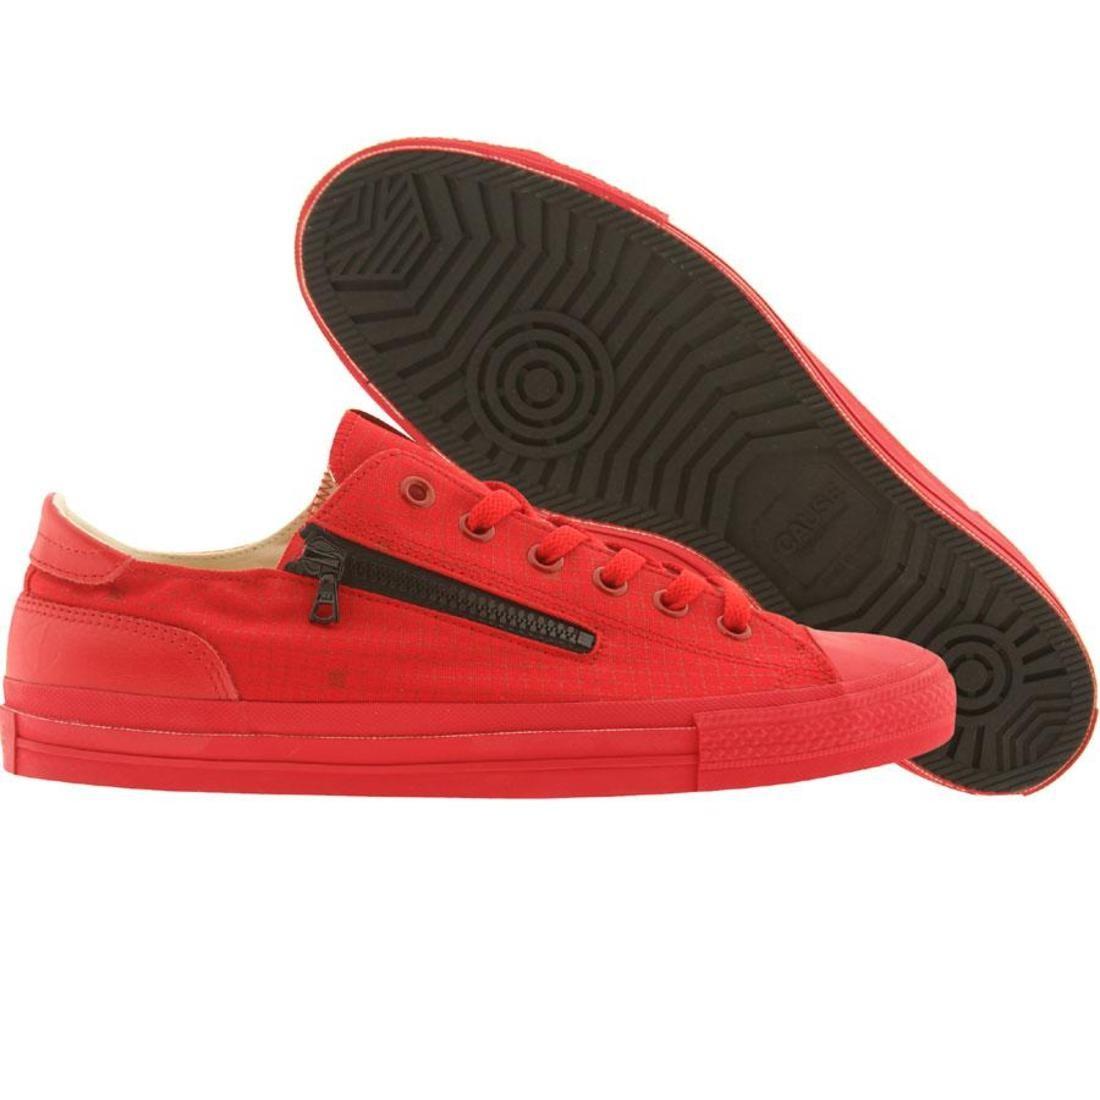 【海外限定】靴 メンズ靴 【 CAUSE SIDE ZIP LOW RED BLACK 】